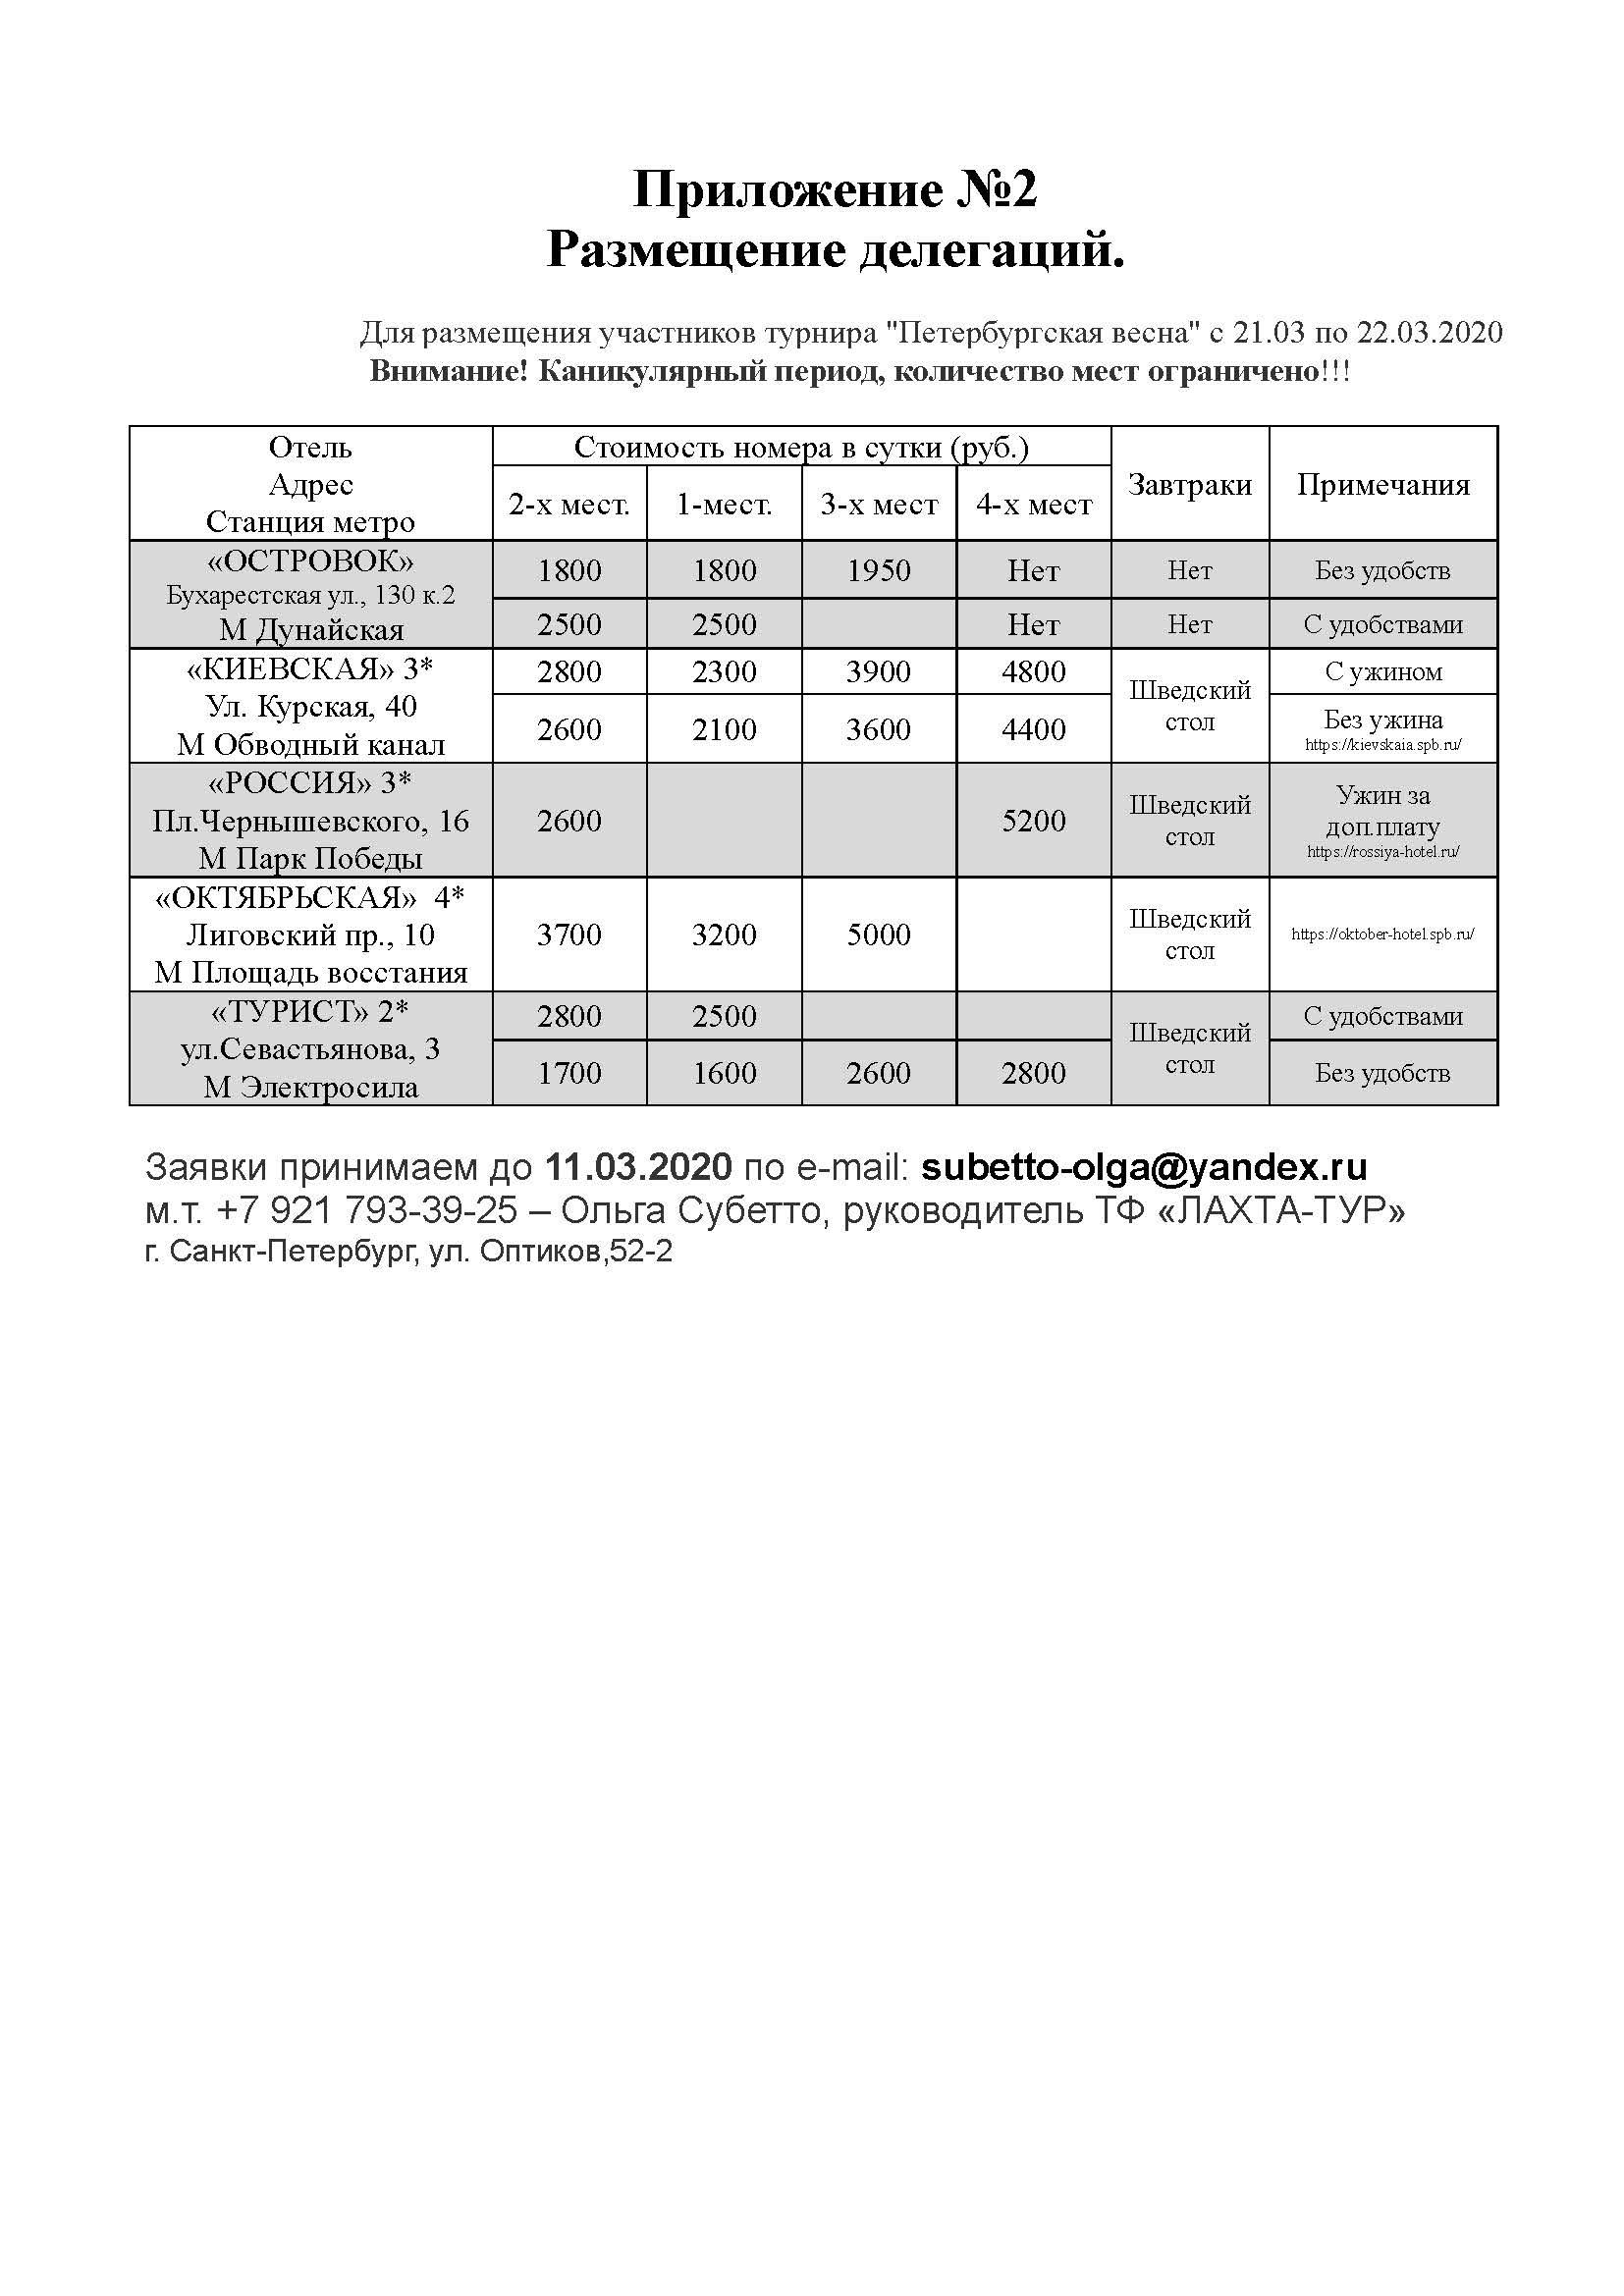 Регламент Всероссийских соревнований Петербургская весна 2020_Страница_8